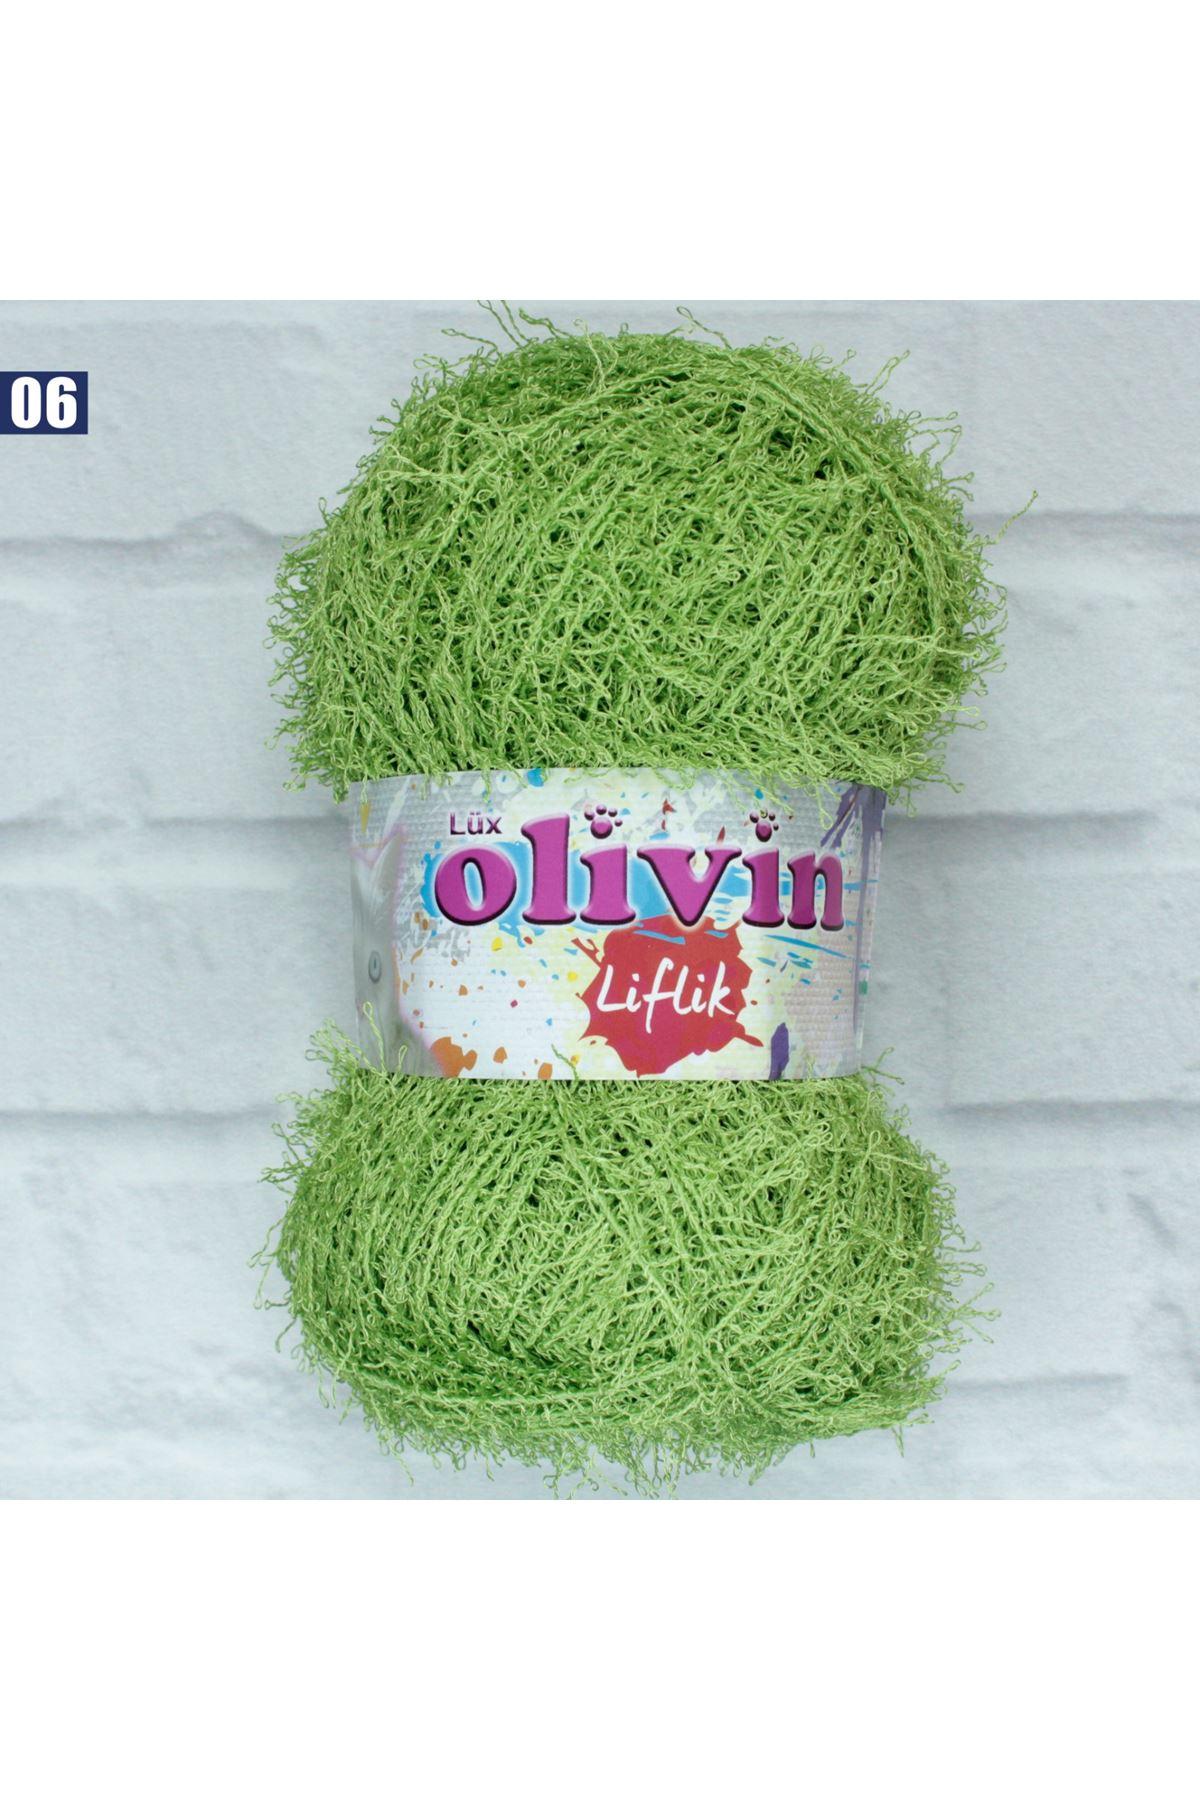 Olivin Liflik 06